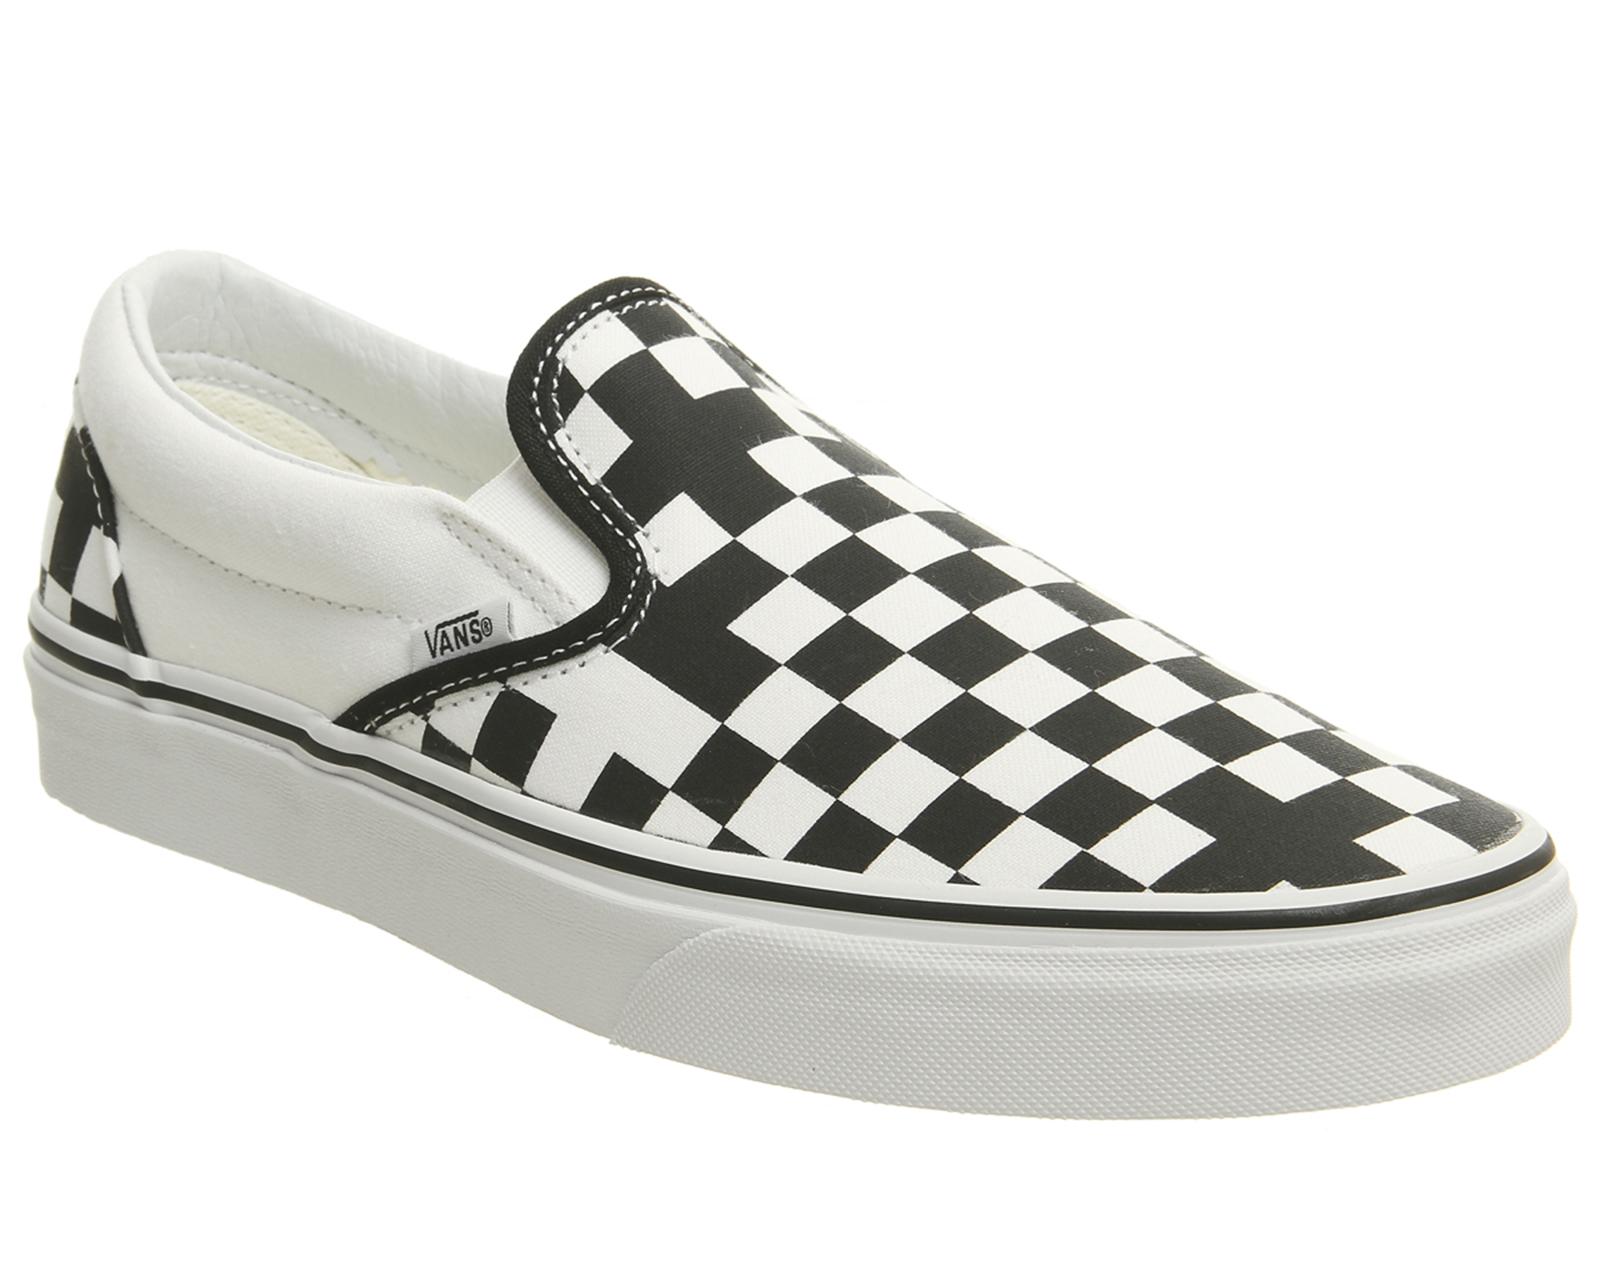 3dffc6daf CENTINELA Hombres Vans Vans Classic Slip en Tra exclusivo blanco de  verdadero negro geométrica entrenadores